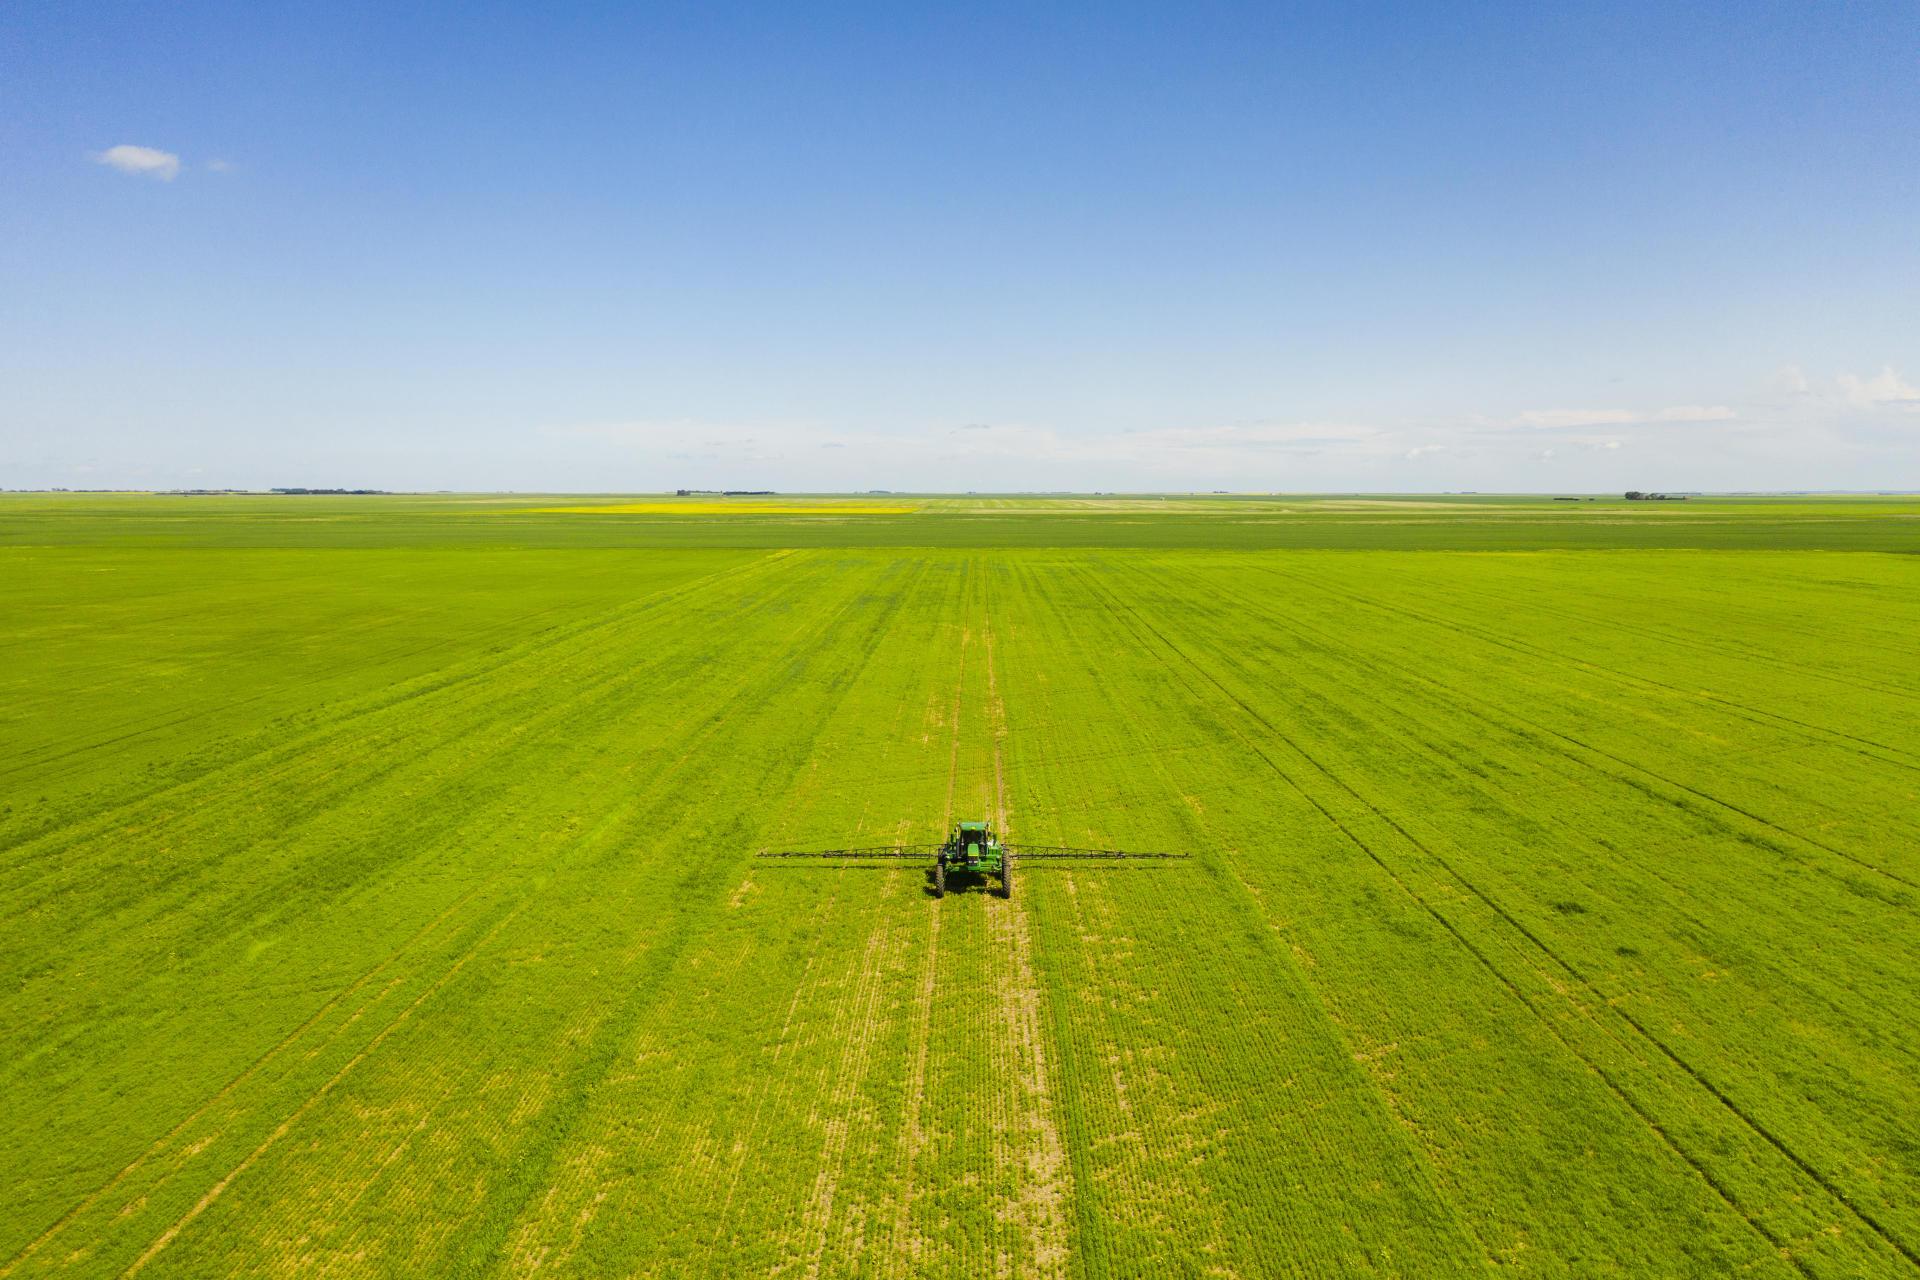 Avec près de 19 millions d'hectares de terres cultivées, la province de la Saskatchewan (Canada) est le grenier alimentaire du pays.